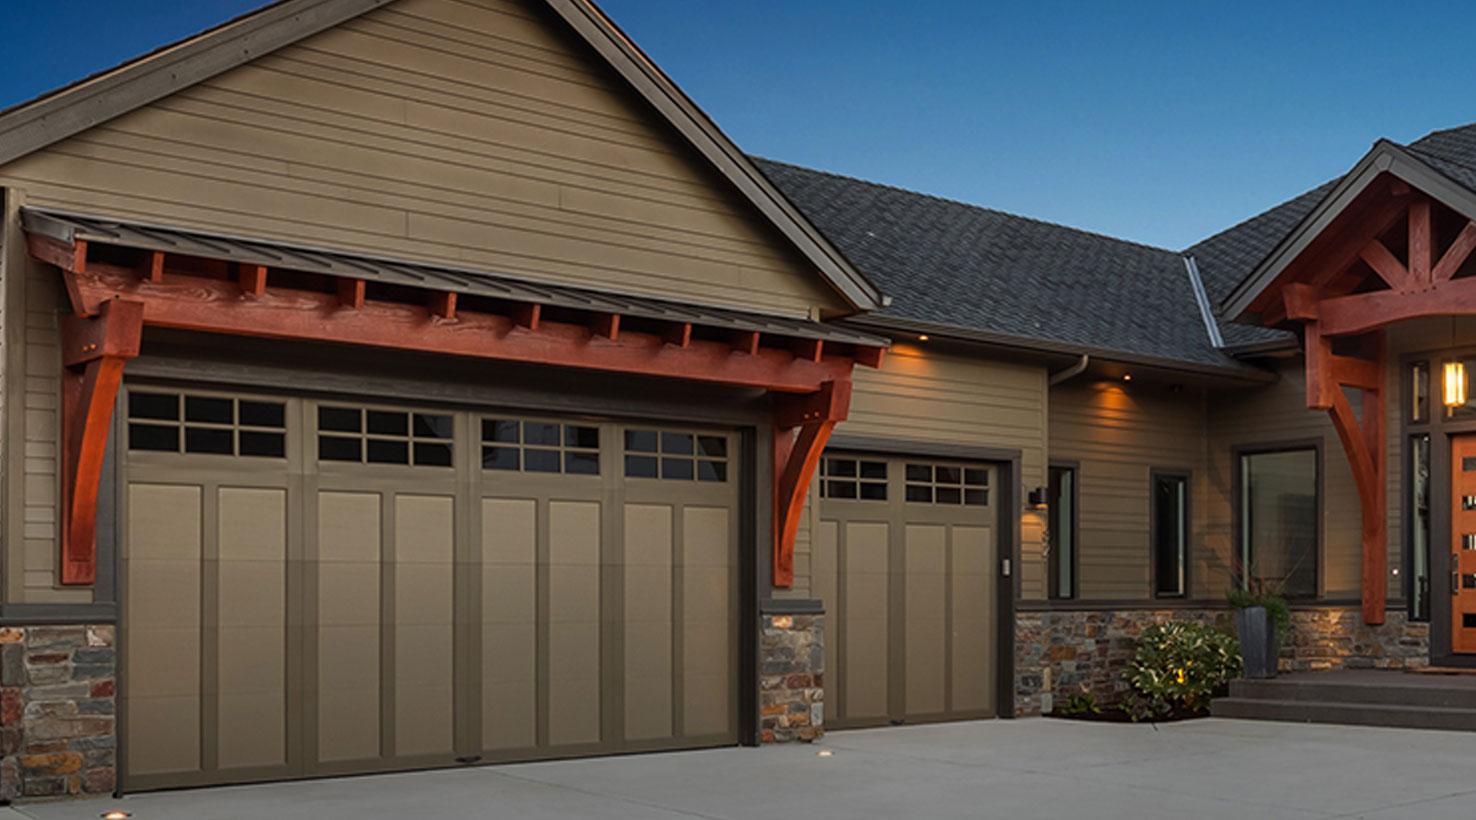 Garage Door Paint Color Inspiration | Sherwin-Williams on Garage Door Colors  id=95536